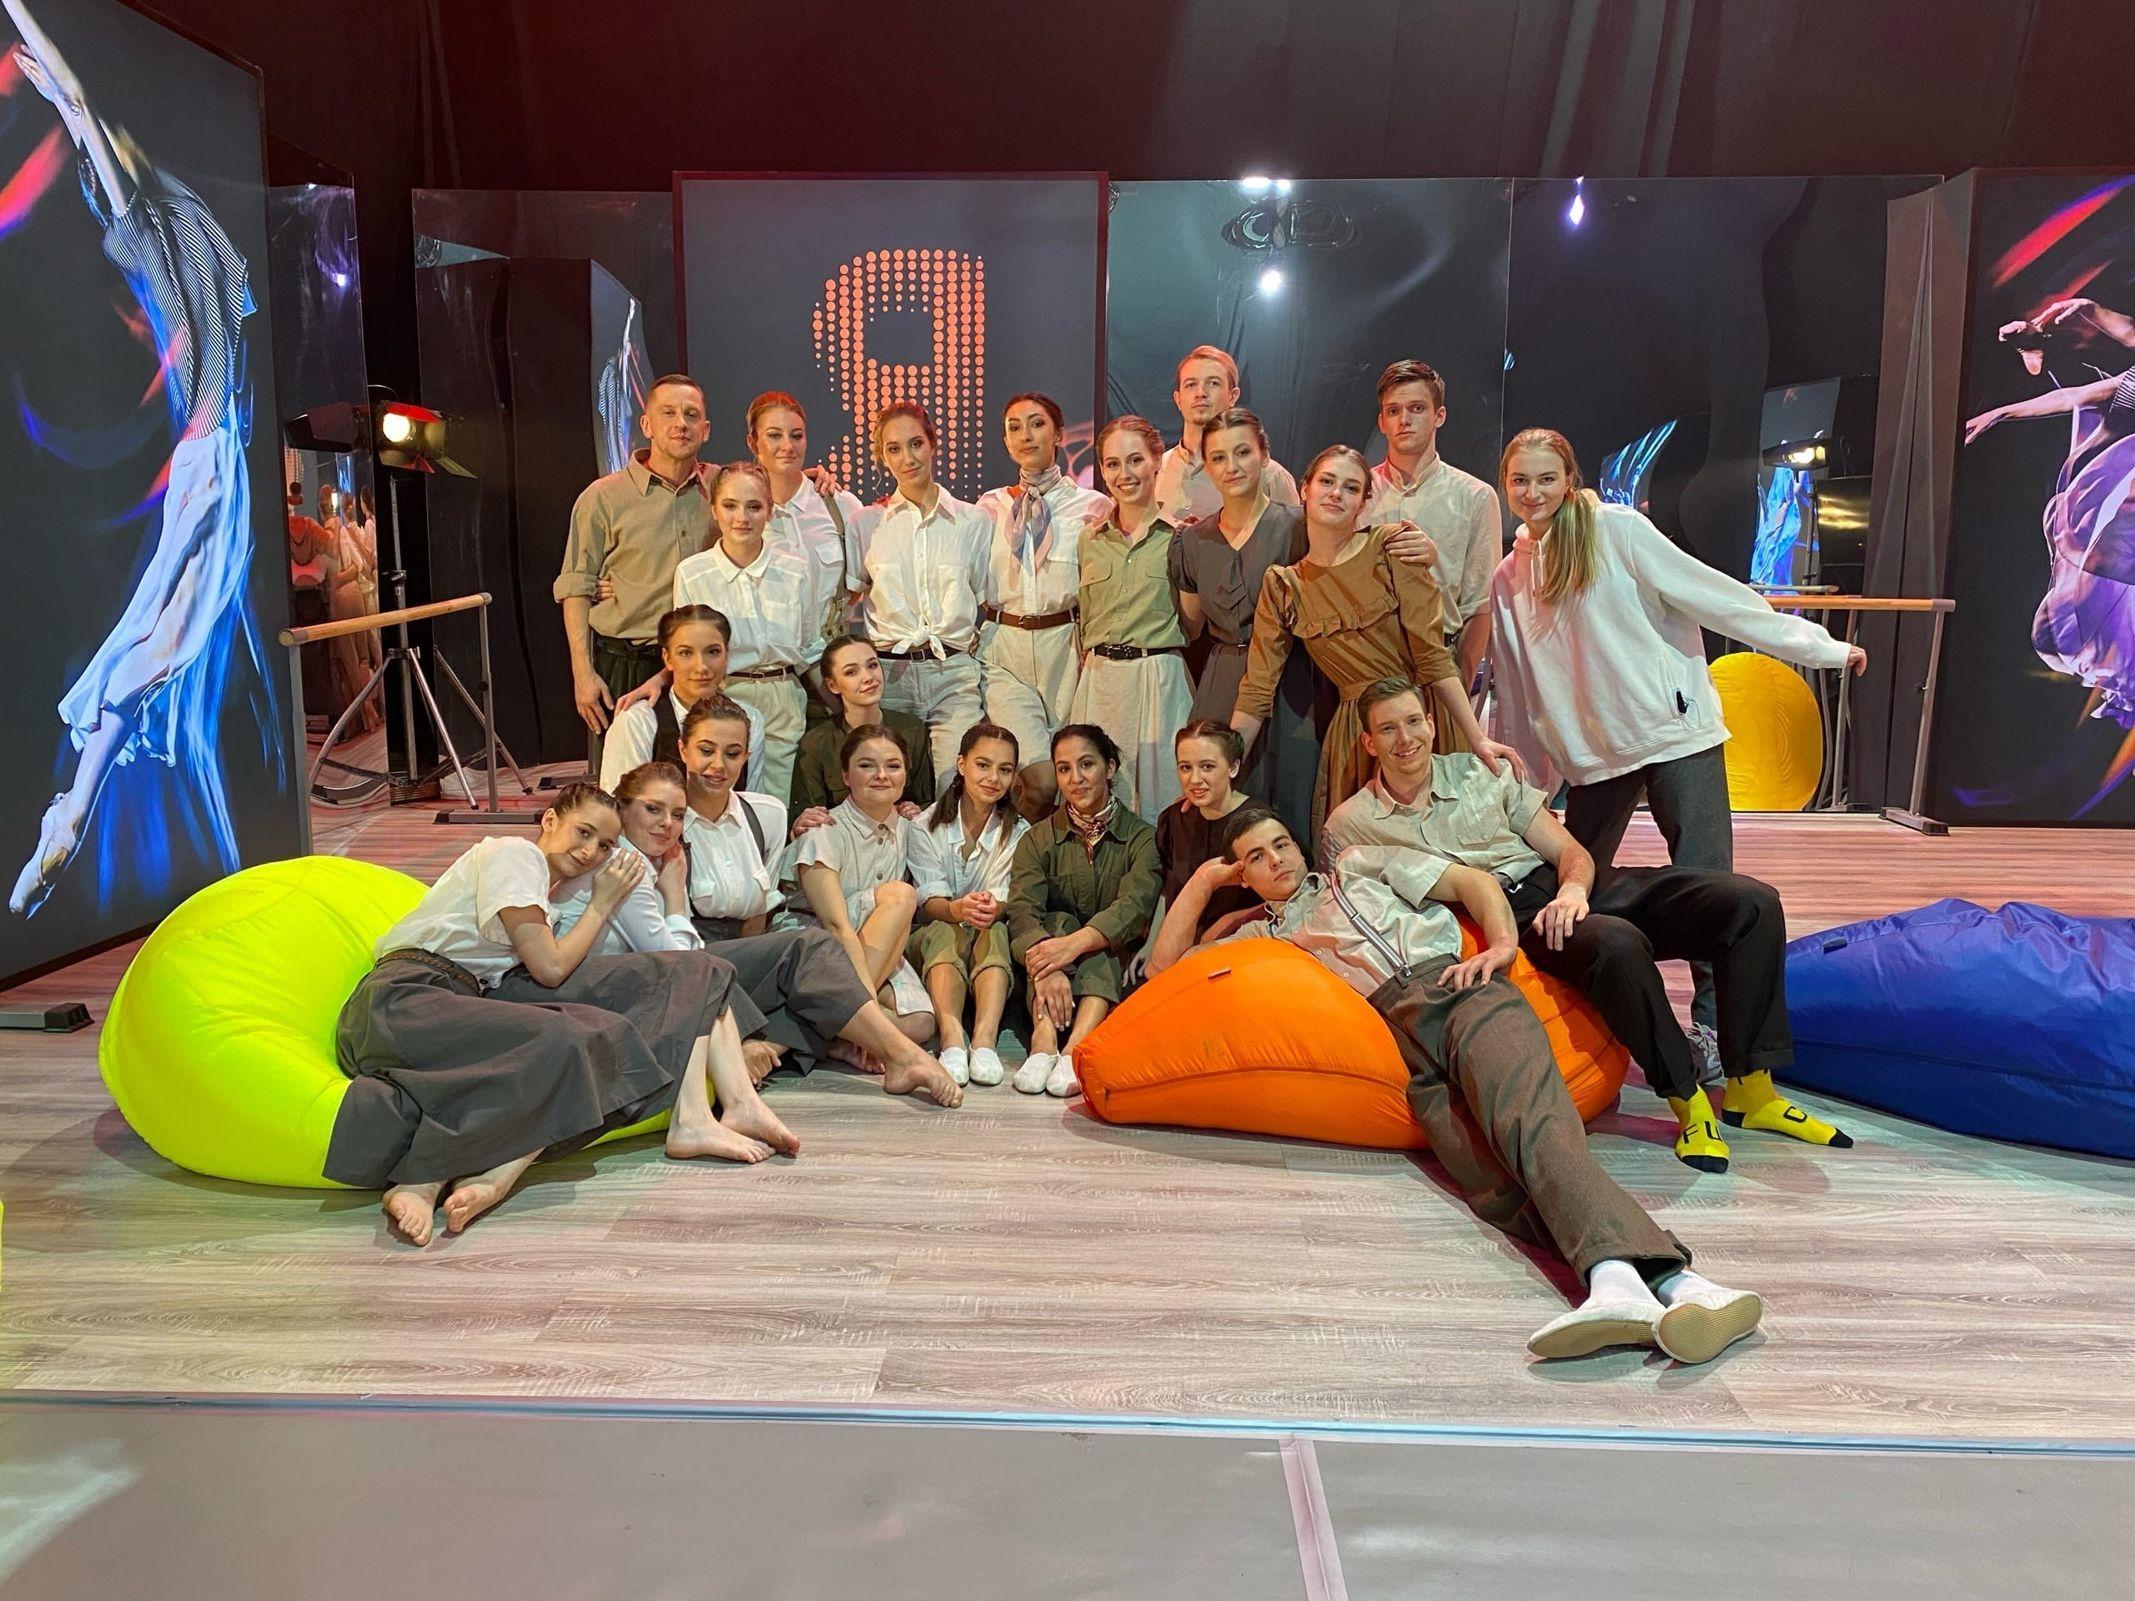 Ярославцы прошли в финал танцевального телепроекта на Первом канале